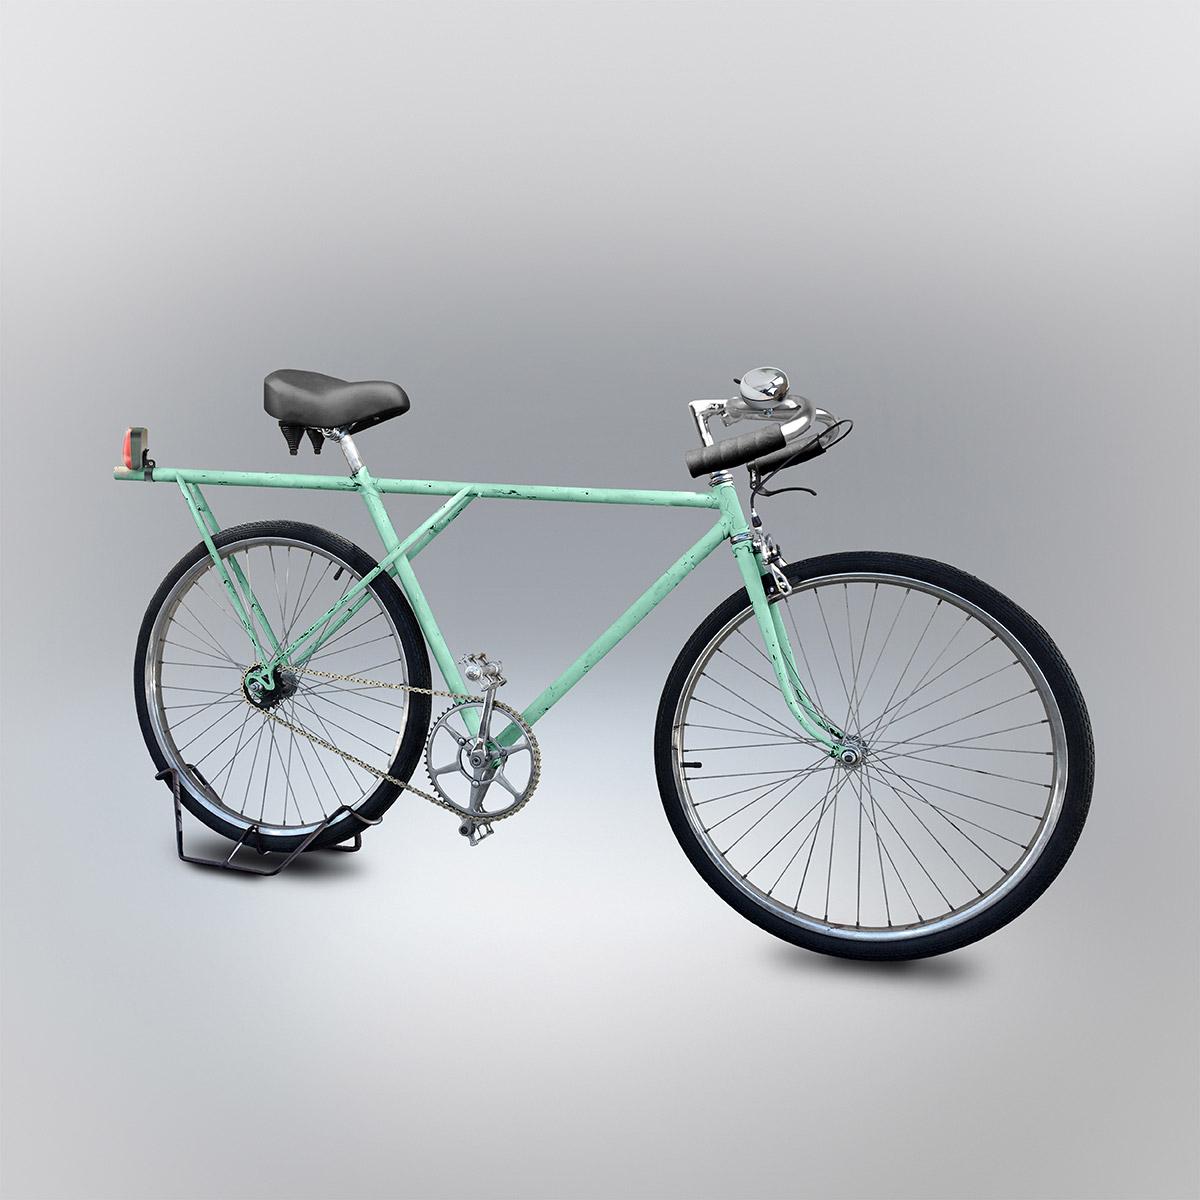 bike by mistake 08